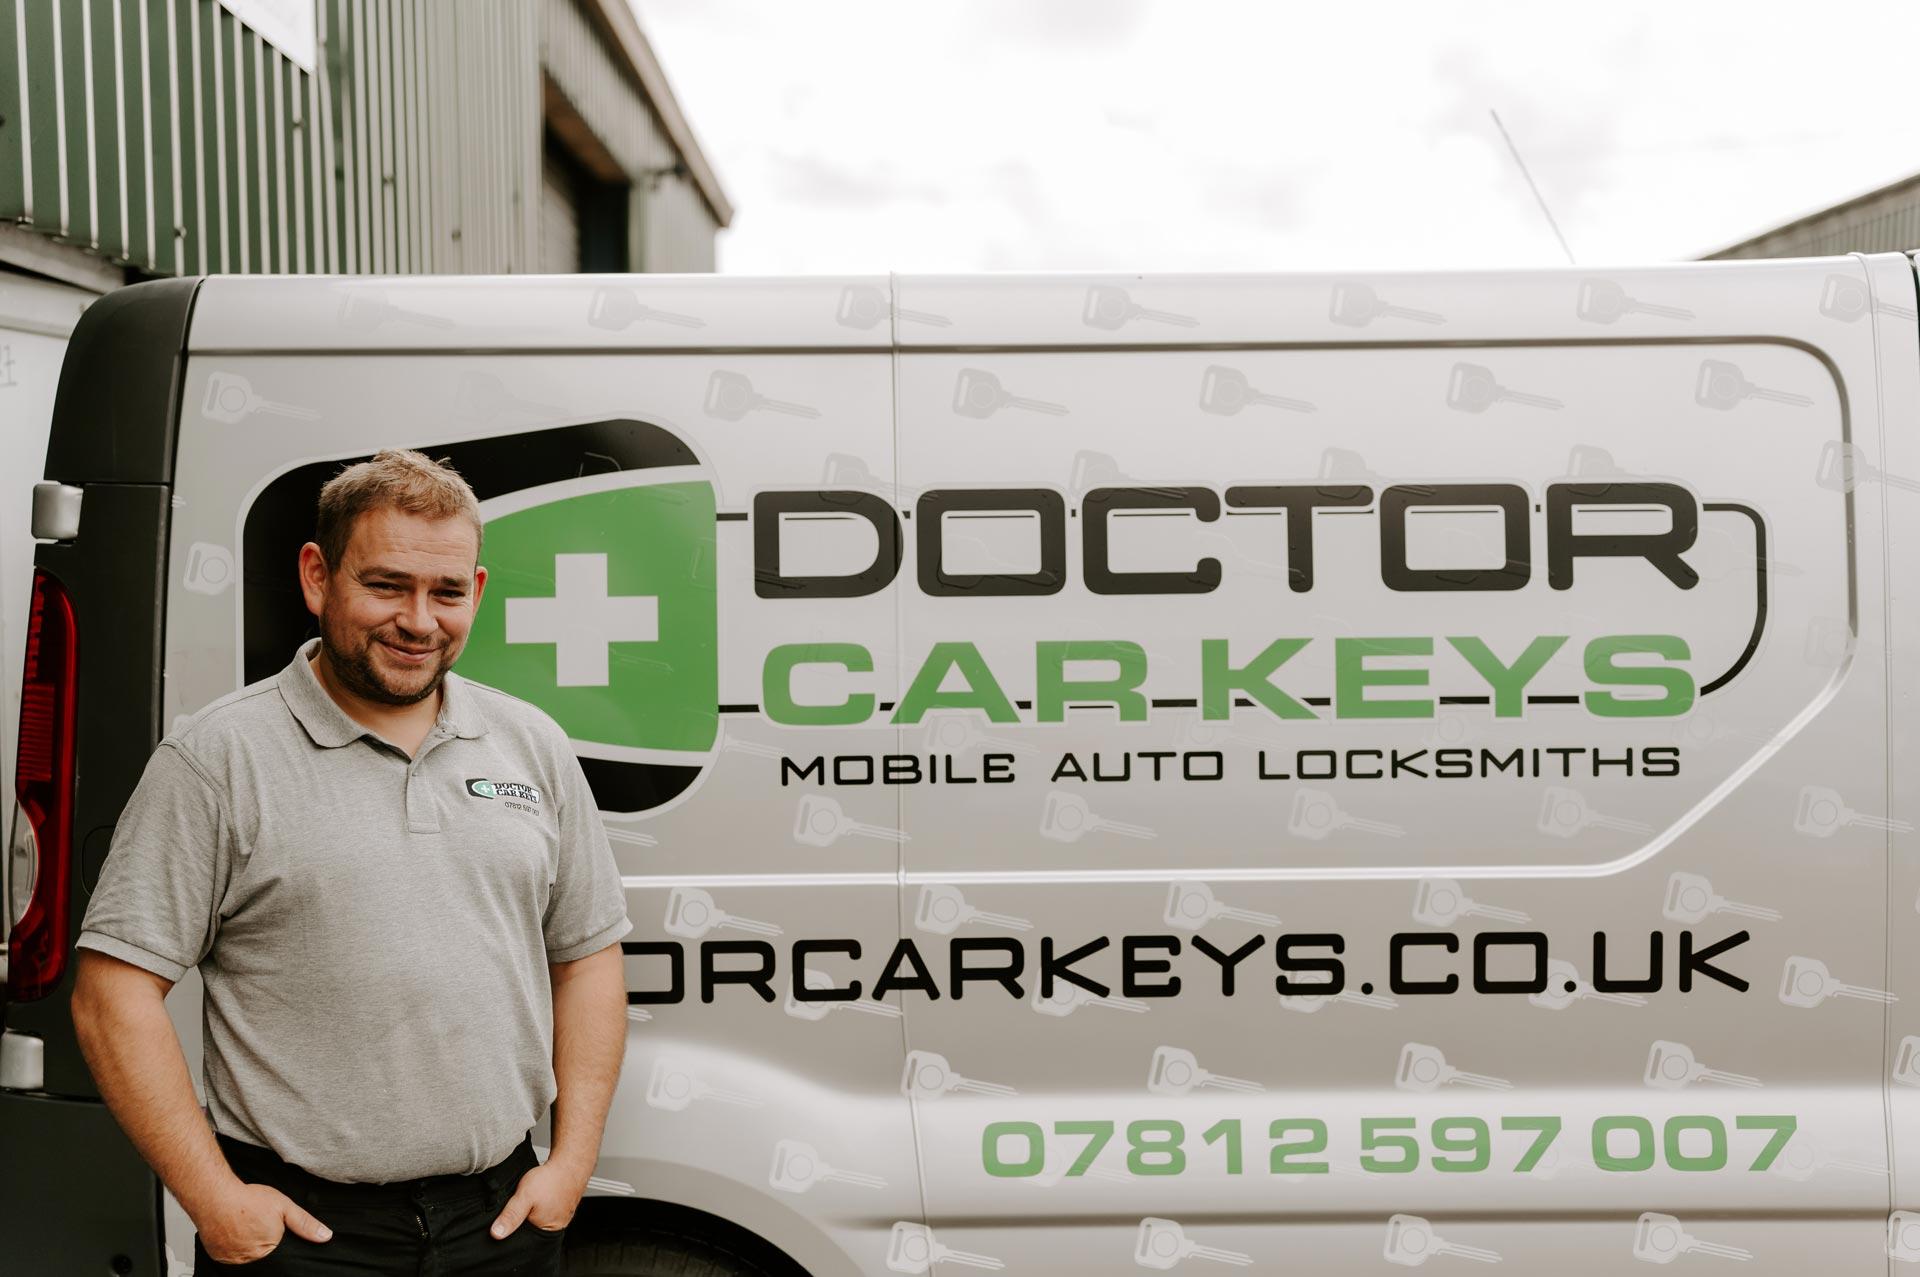 Auto Locksmiths in Sandhurst